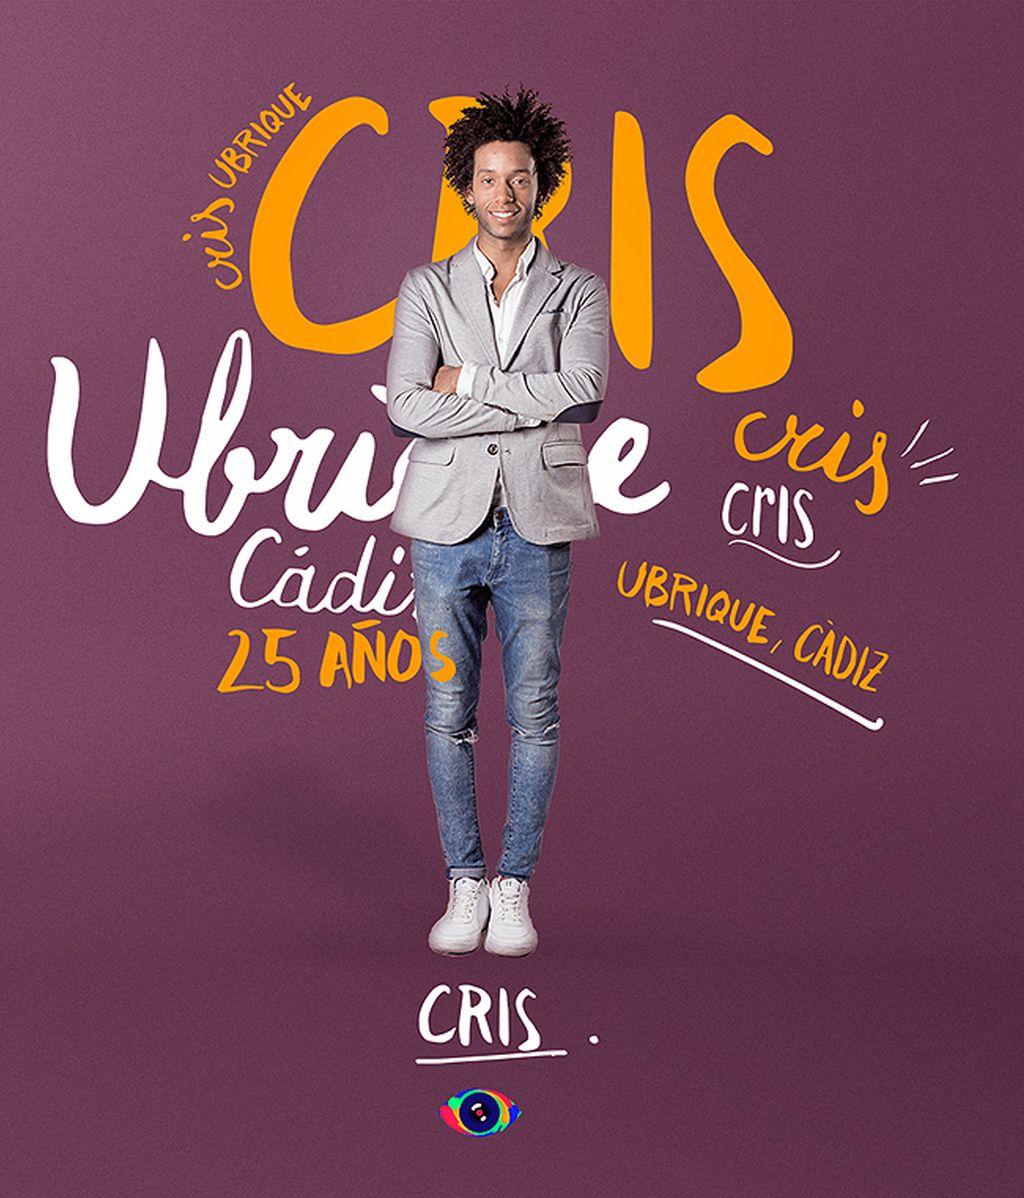 Cris, 25 años (Ubrique)